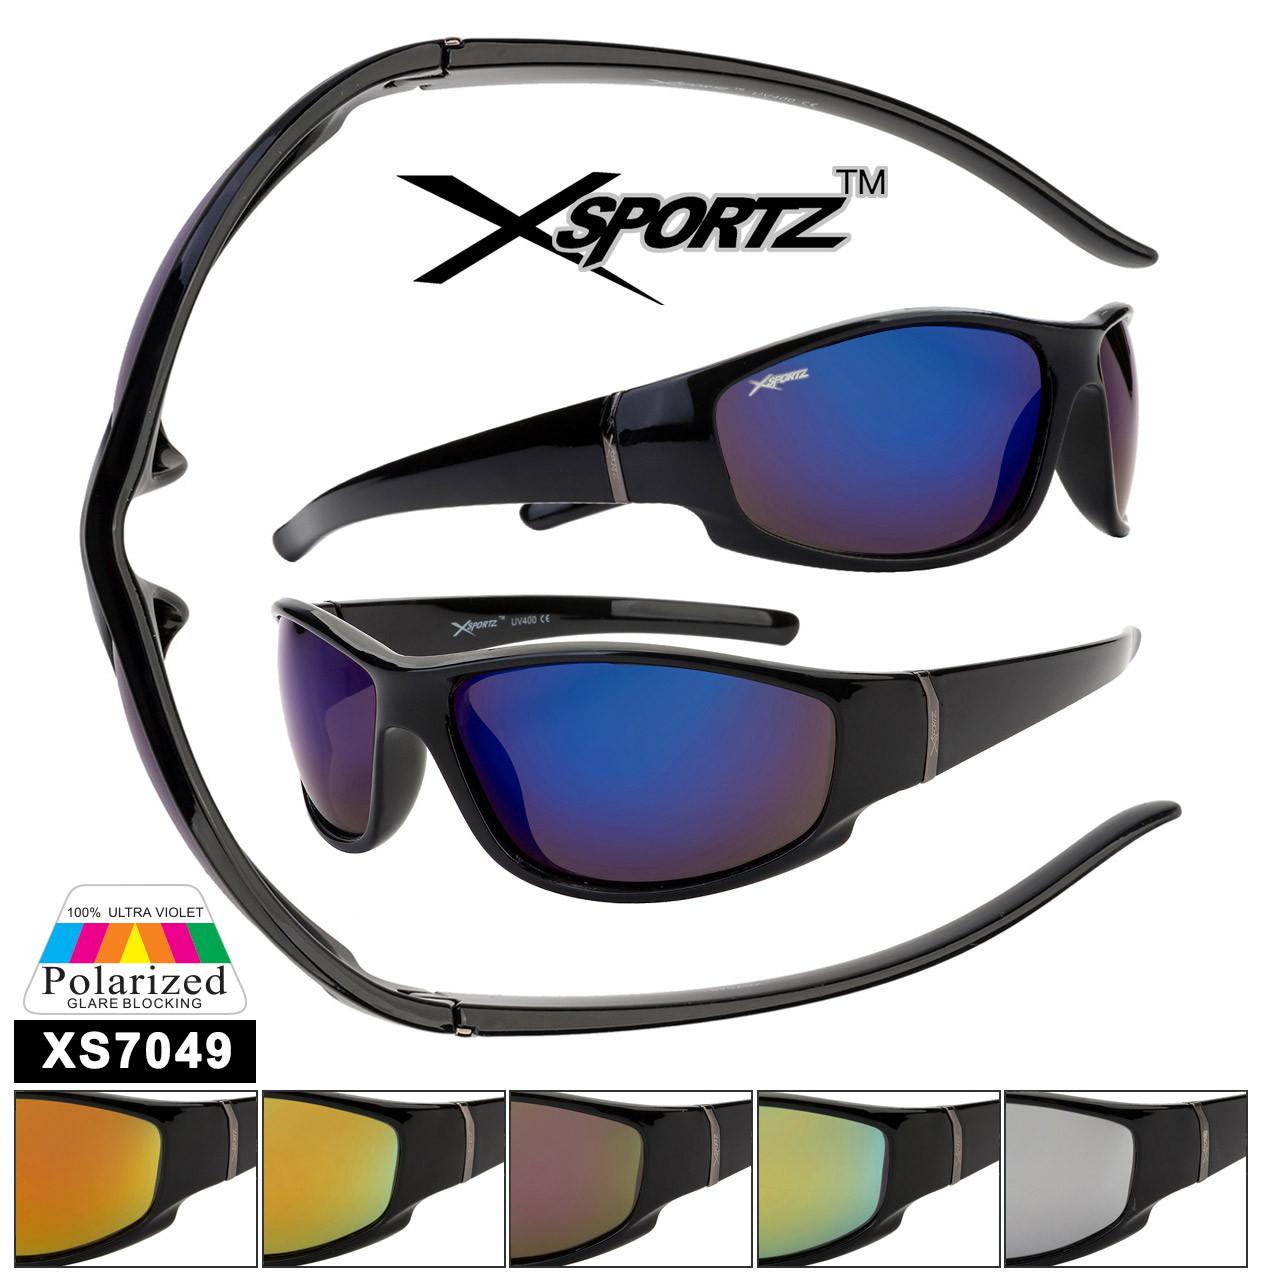 Polarized Xsportz™ Wholesale Sunglasses  - Style XS7049